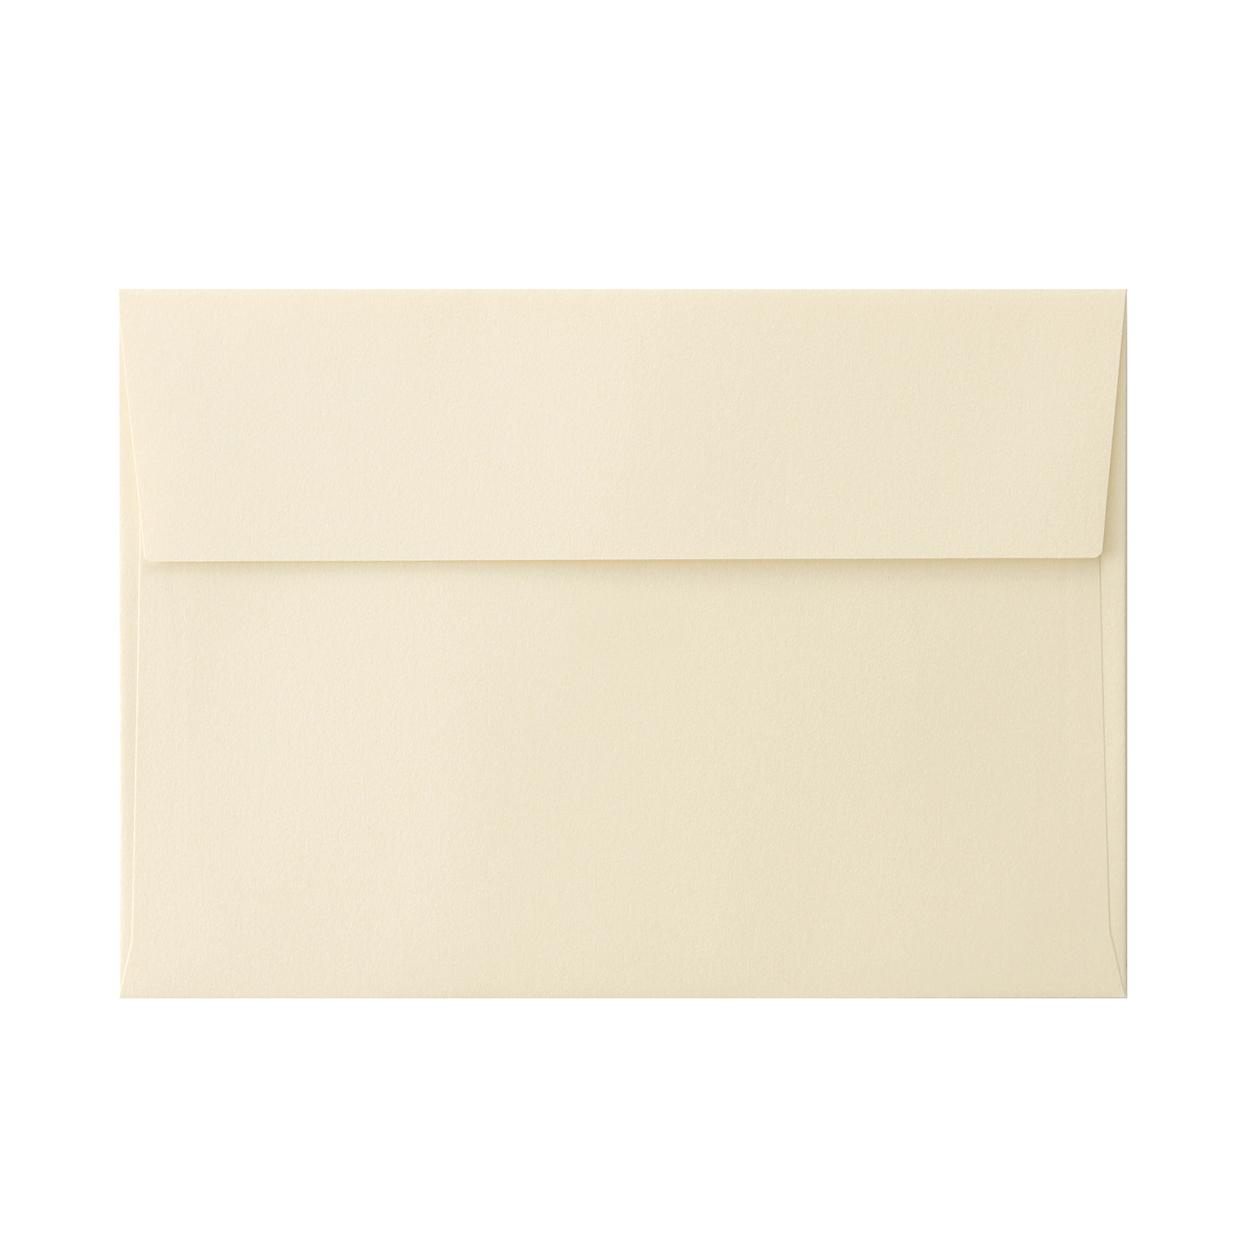 角6カマス封筒 コットンパール ナチュラル 125.3g